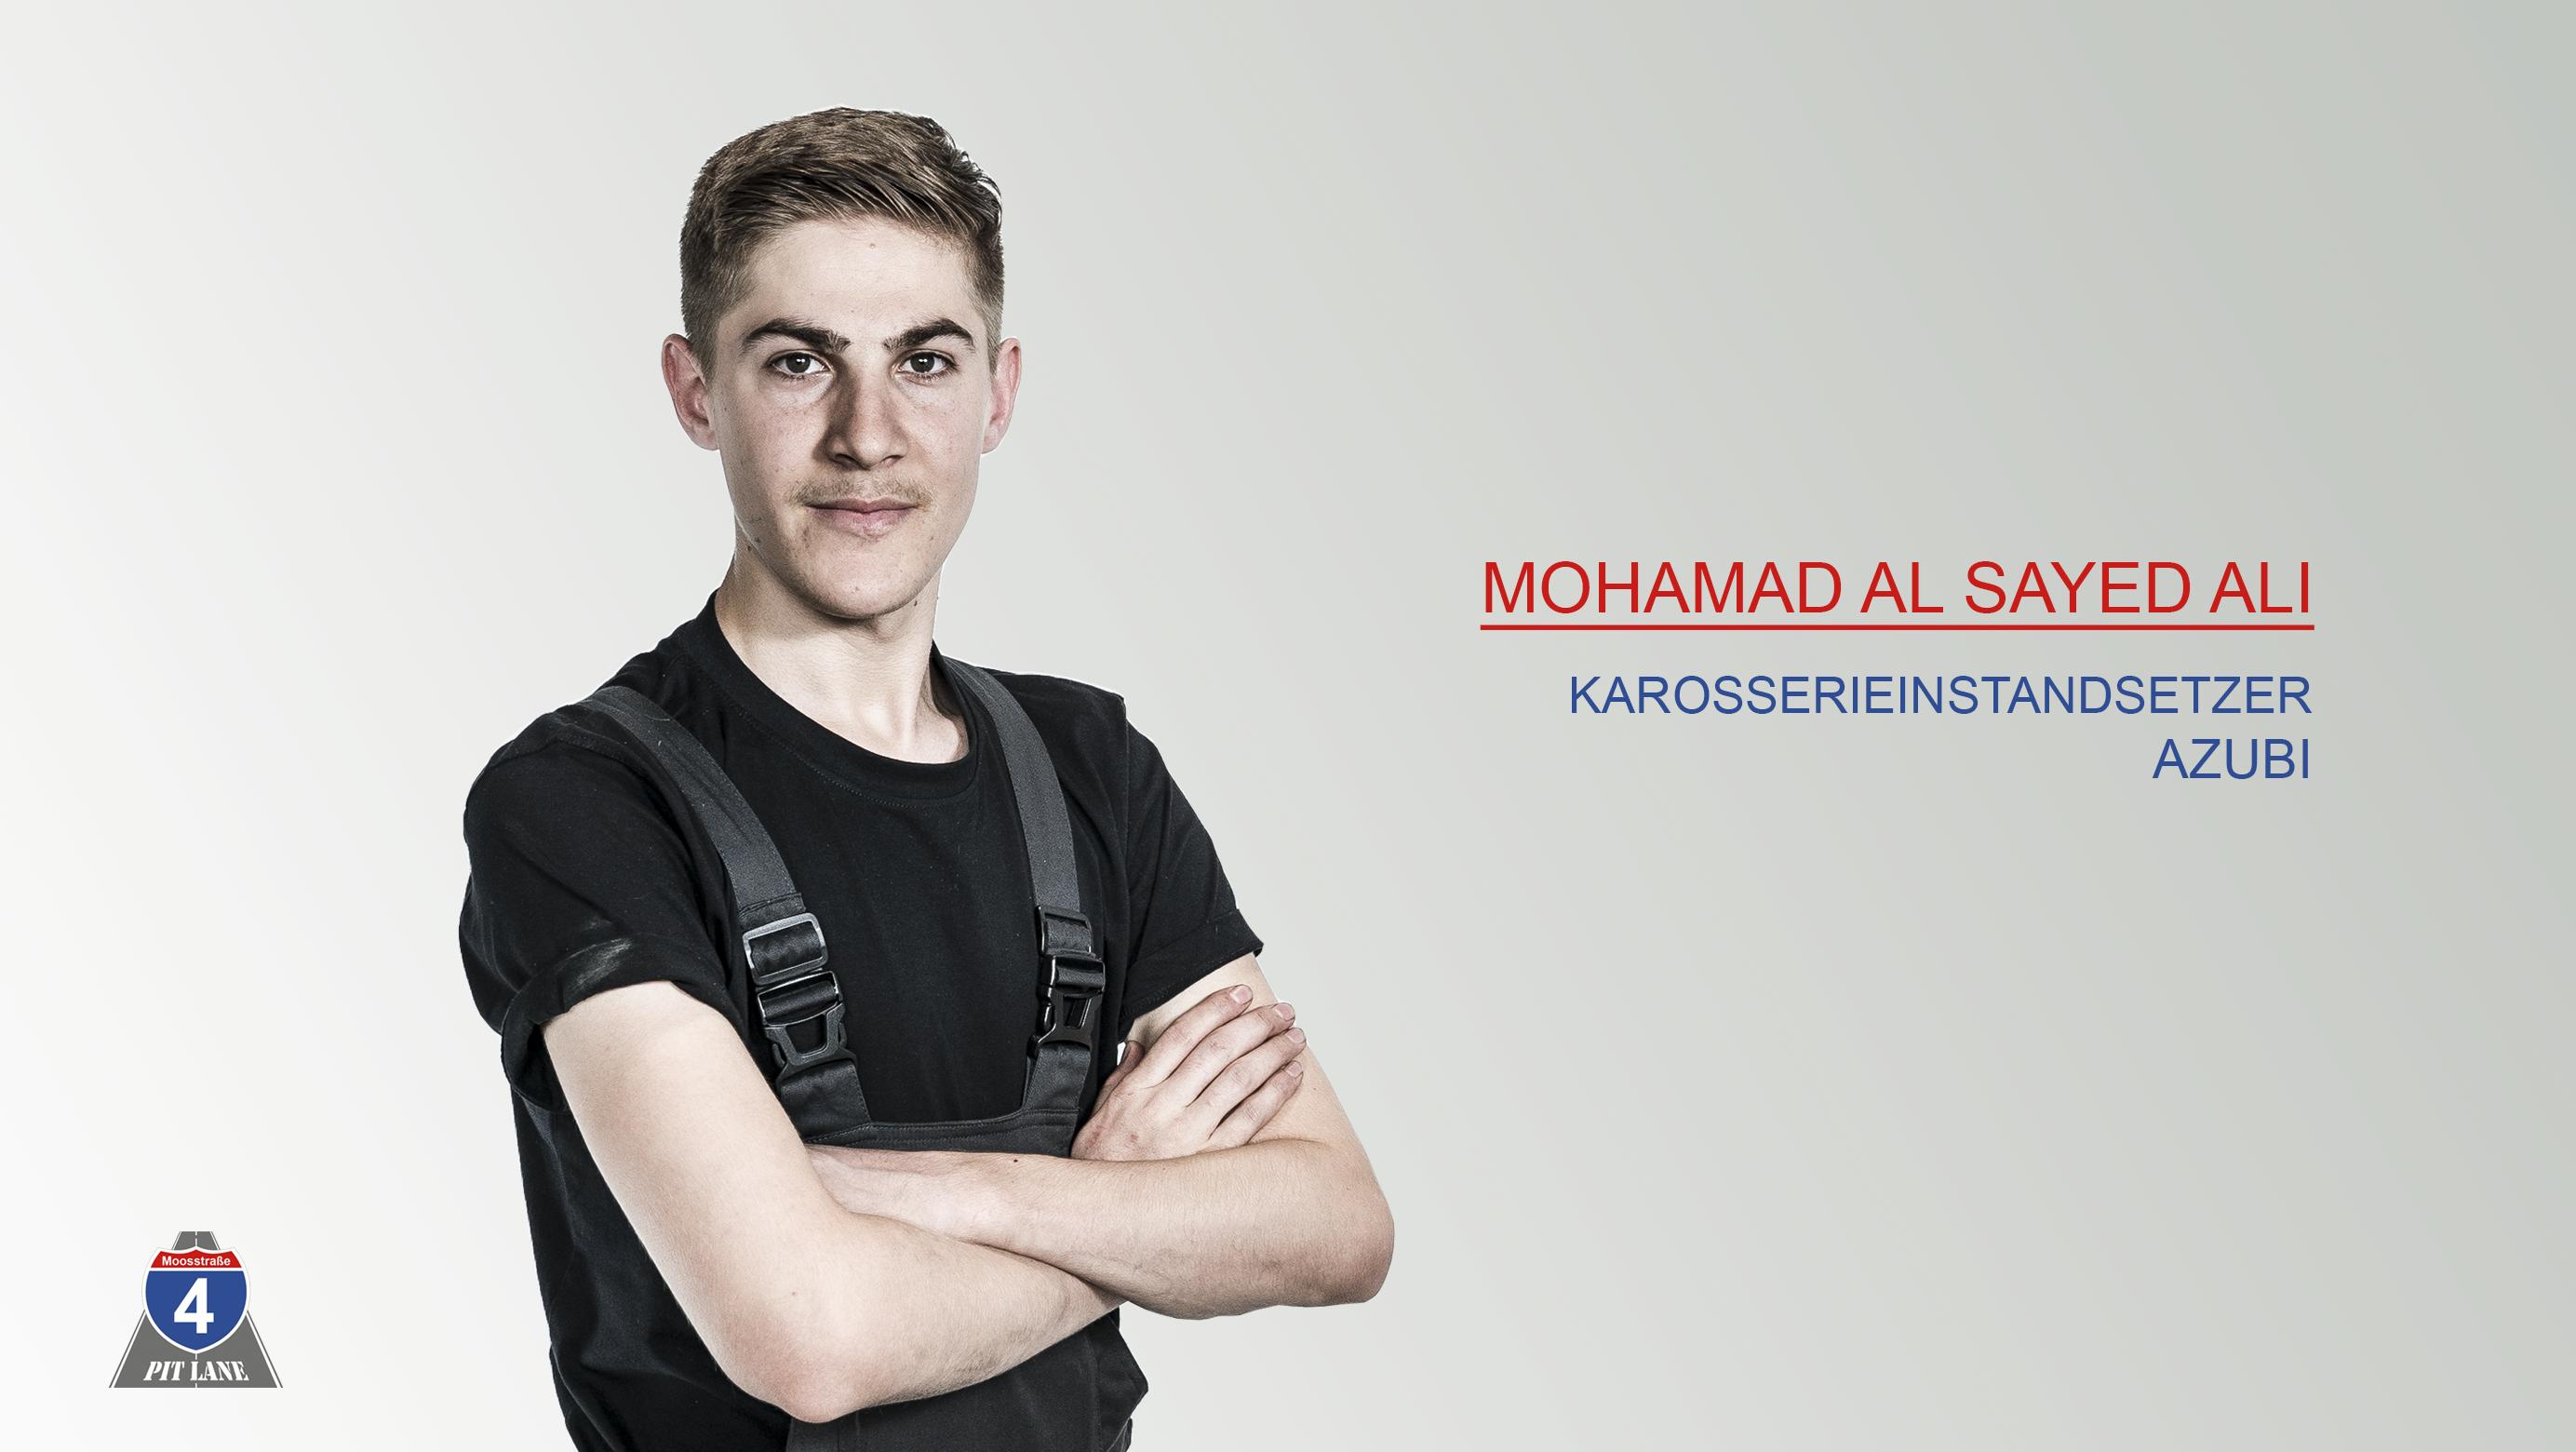 Bild von Mohamad